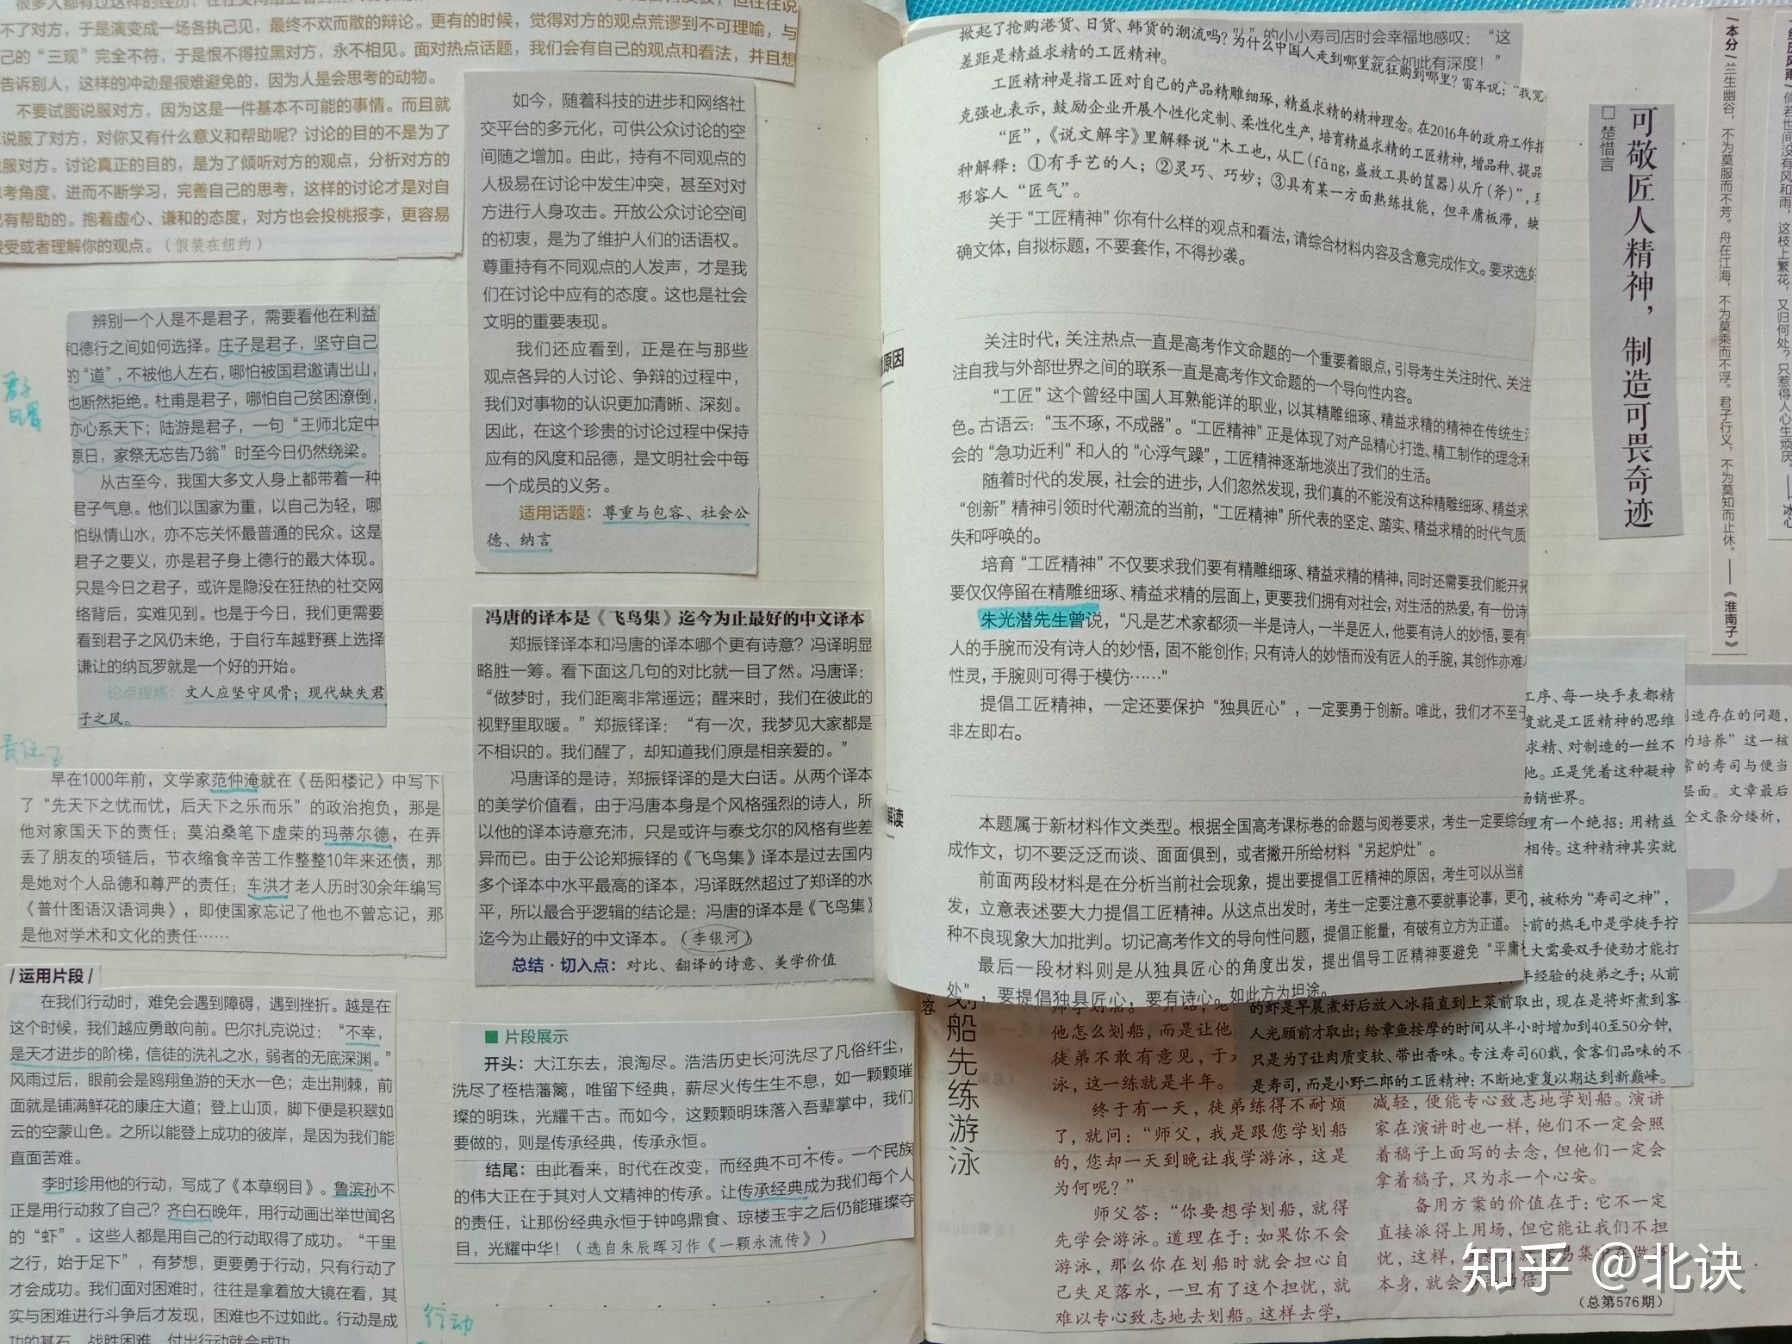 素材高中高中v素材本应该排版?有值得2017鹤壁市语文分数线图片